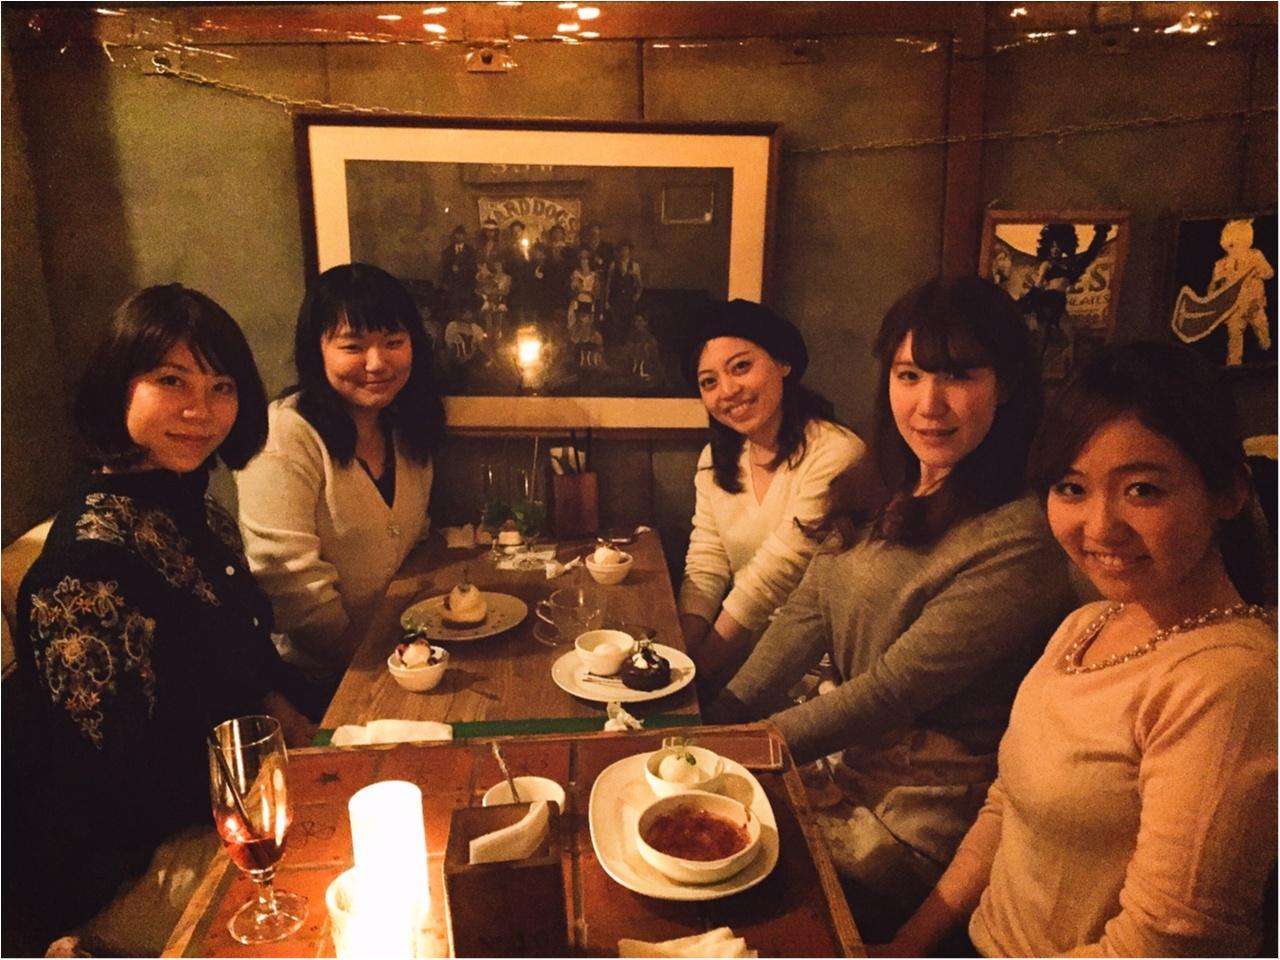 女子会におすすめ!渋谷のおしゃれな隠れ家的カフェでモアハピ女子会♡*_1